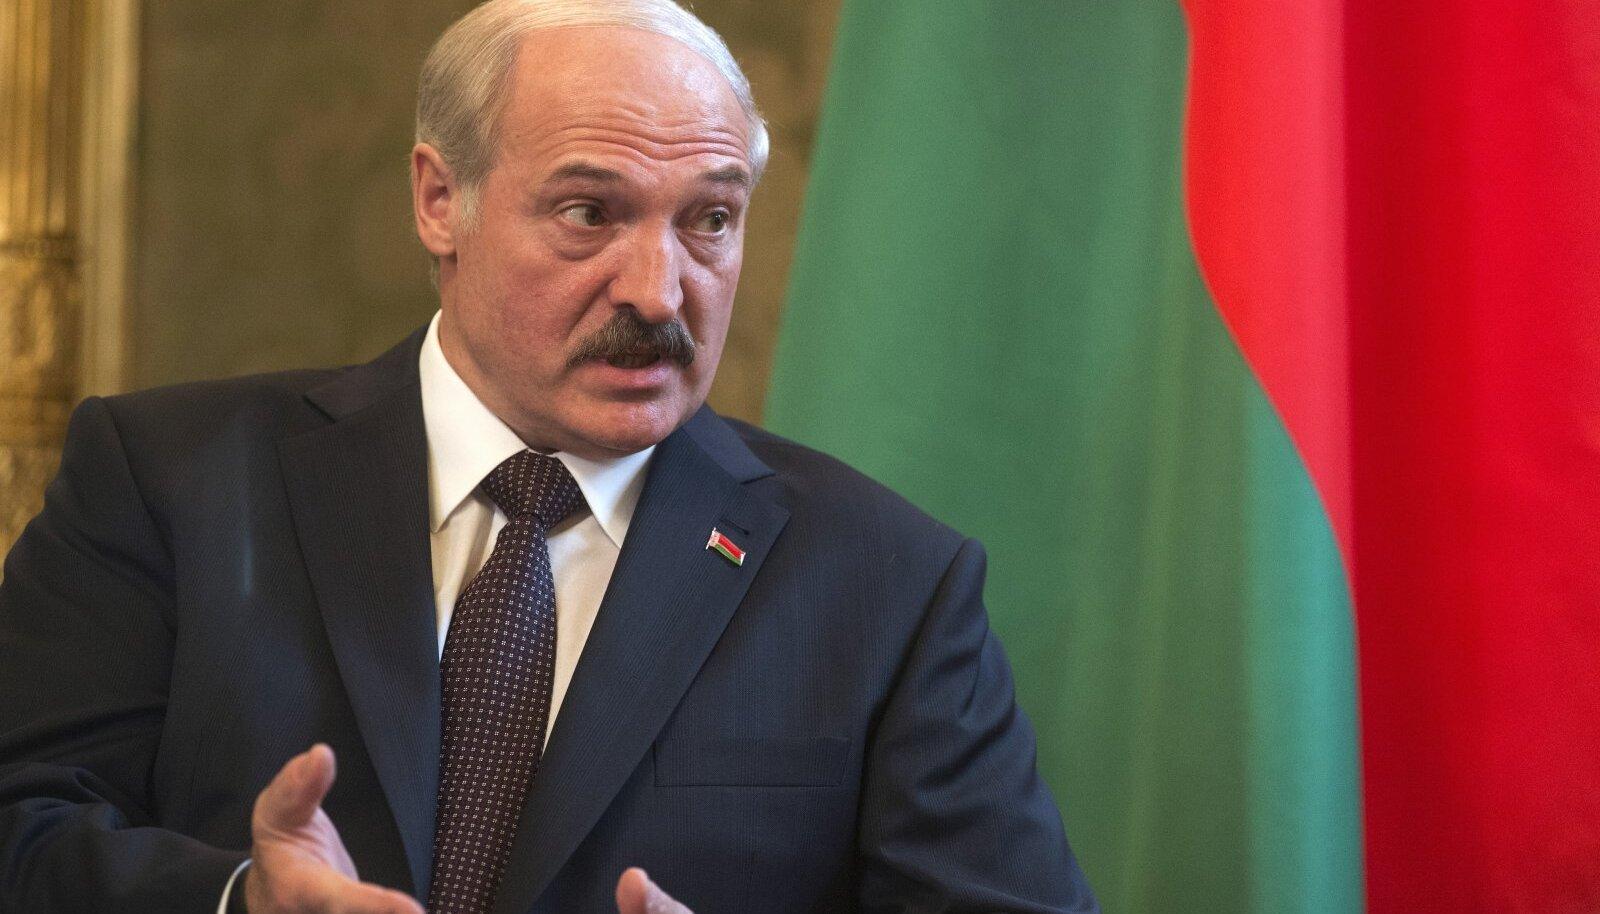 Aleksandr Lukašenko tundub olevat võõrsil populaarseim just Tallinna valgevenelastest pensionäride seas.